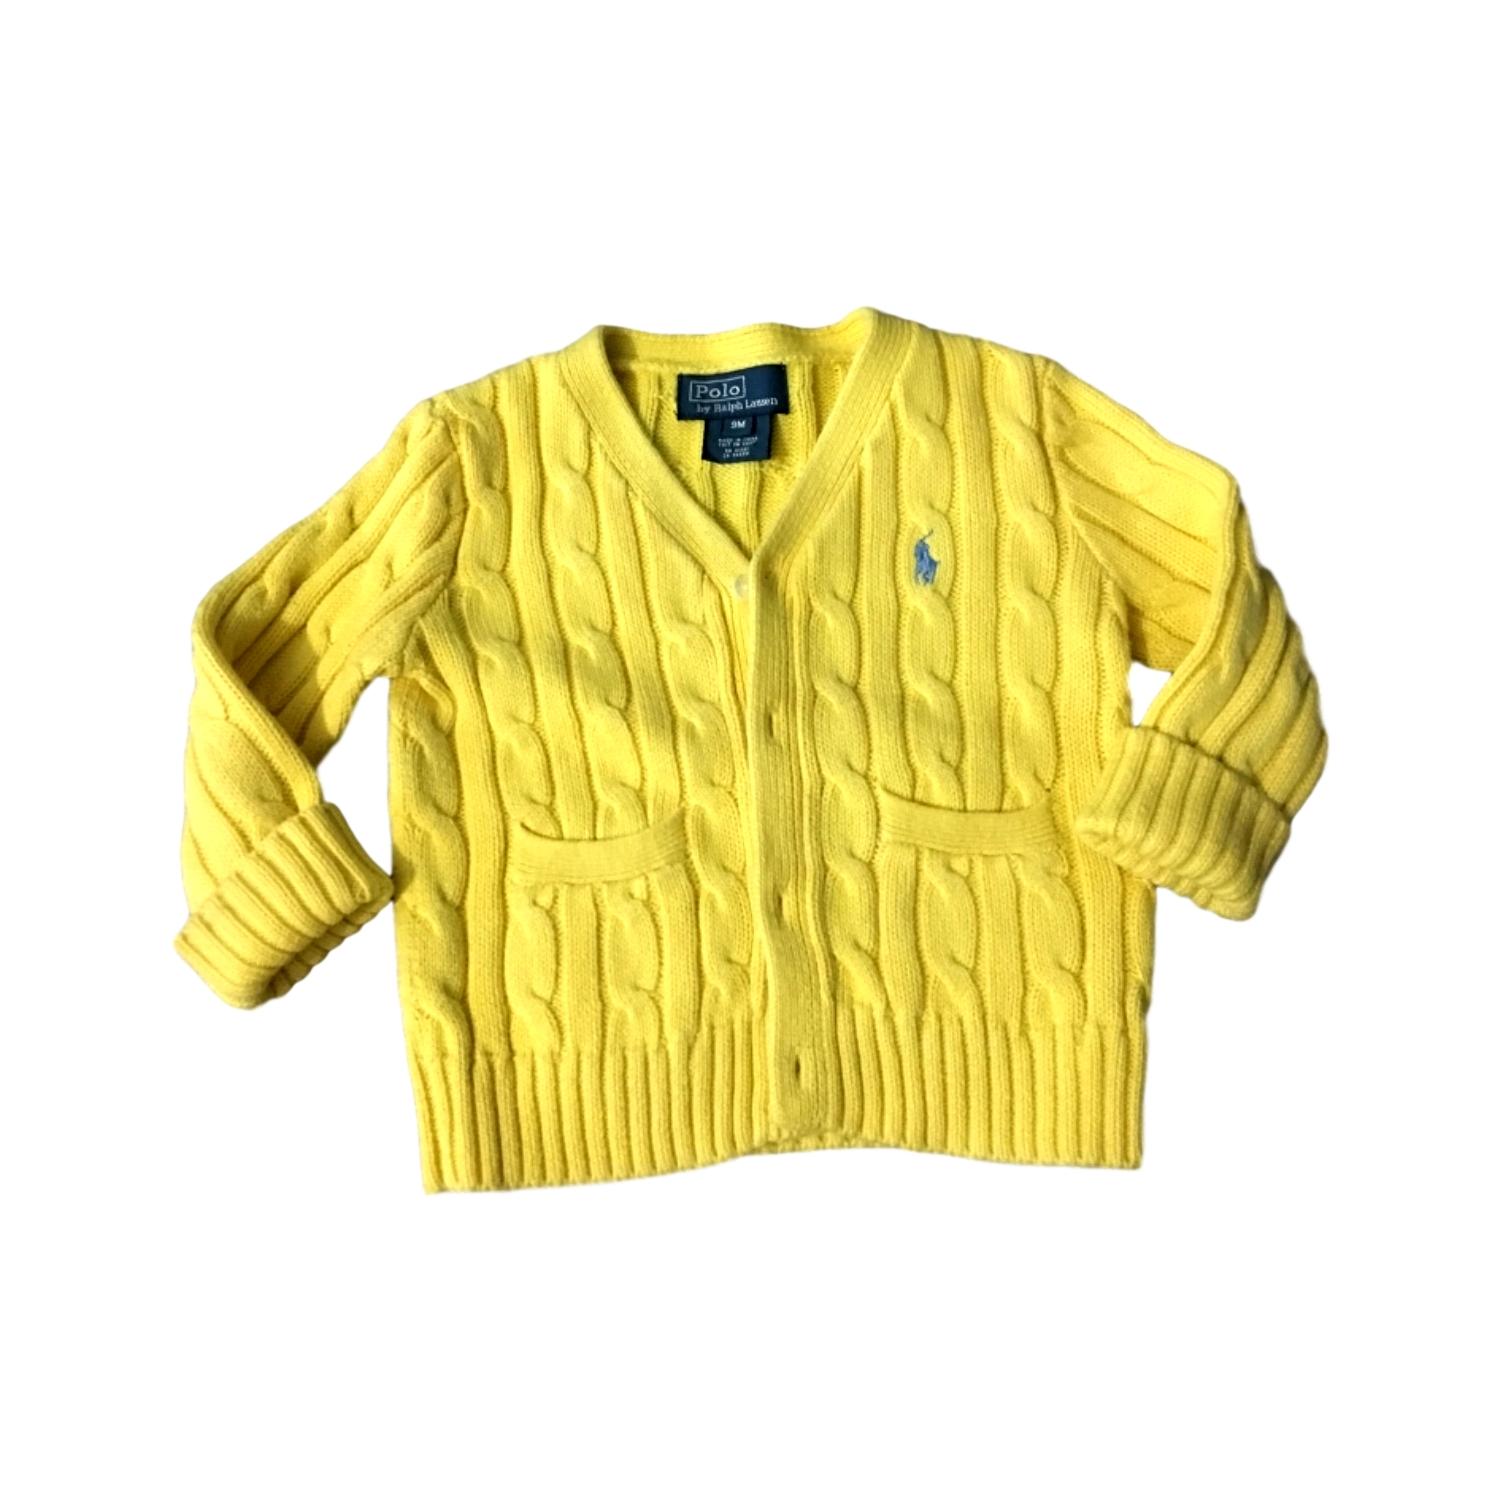 1a82662dd21 Купить кардиган и кофту Ralph Lauren за 4500 руб. в интернет ...